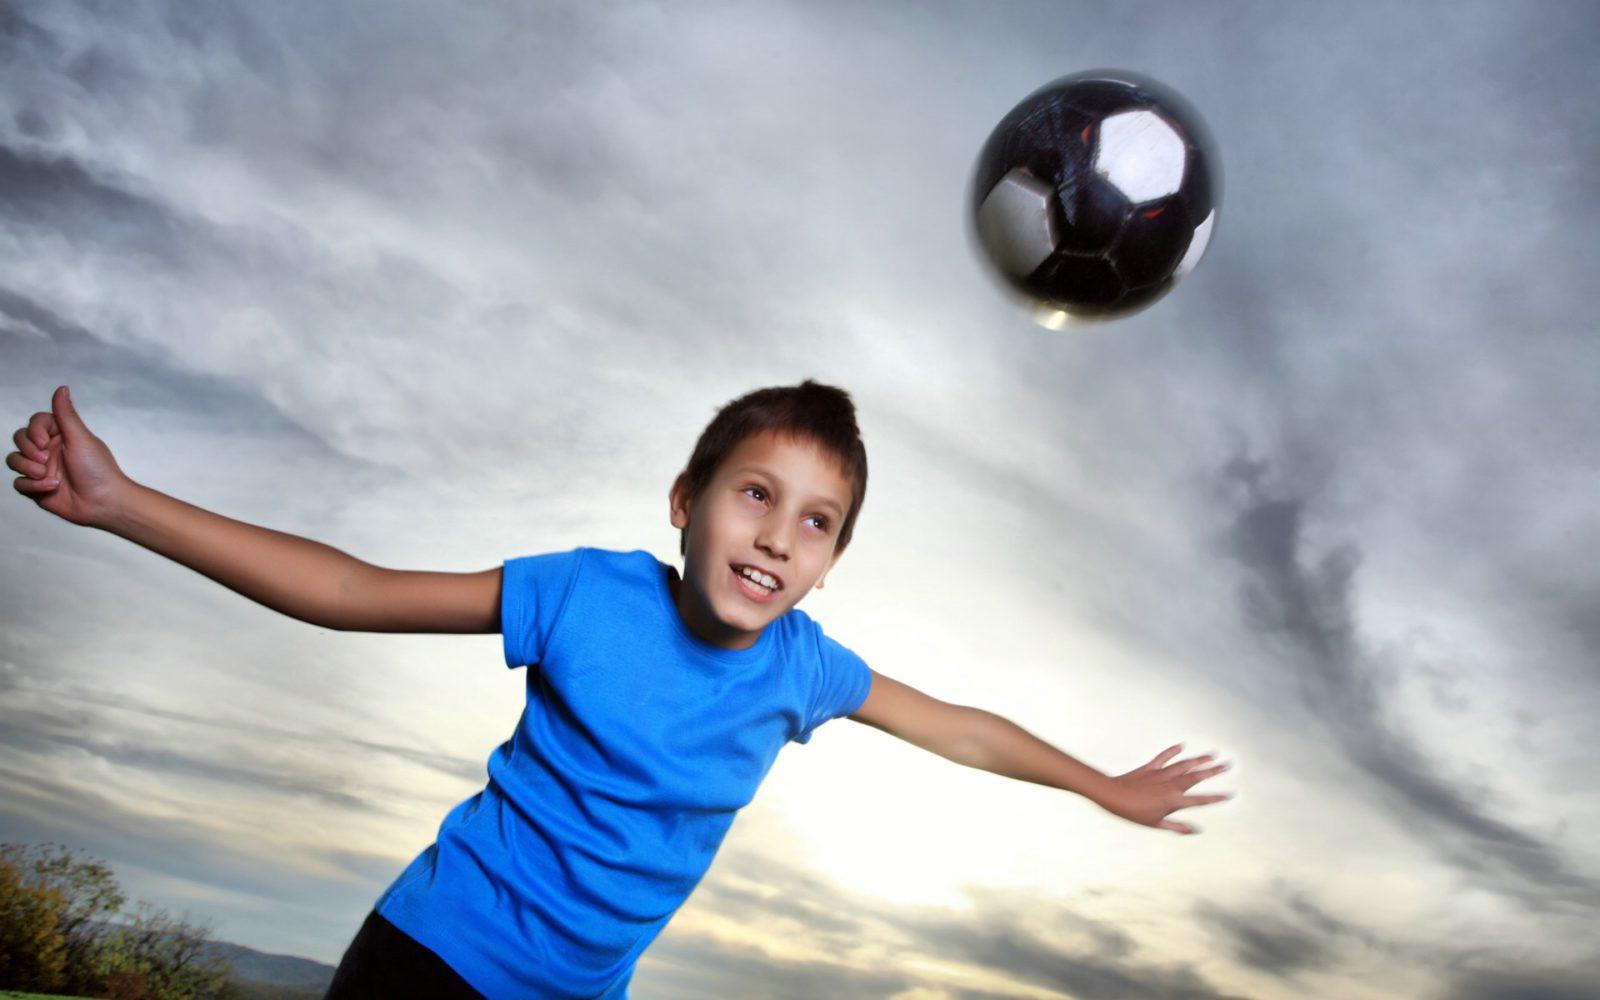 Чего хочет ребёнок? Потребности и мотивы.